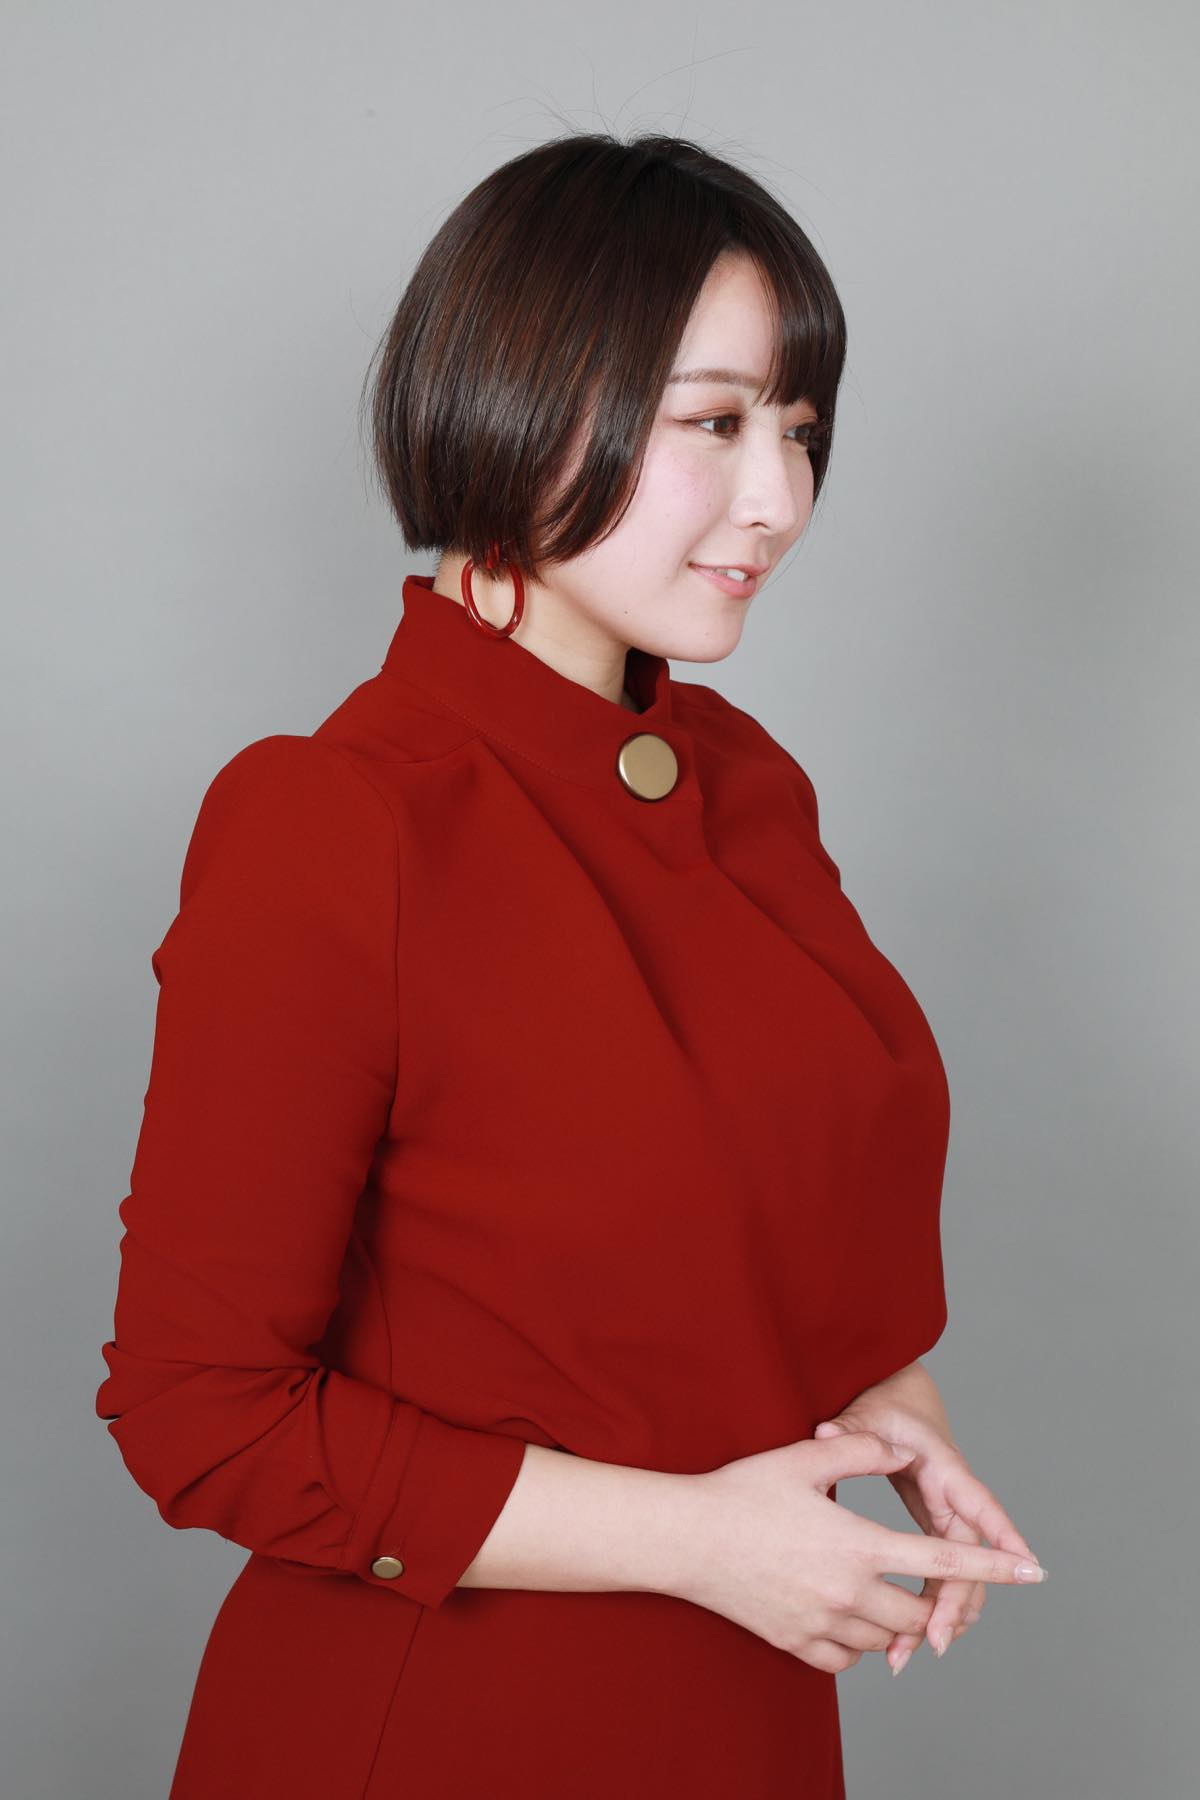 「105cmバスト」紺野栞の画像35